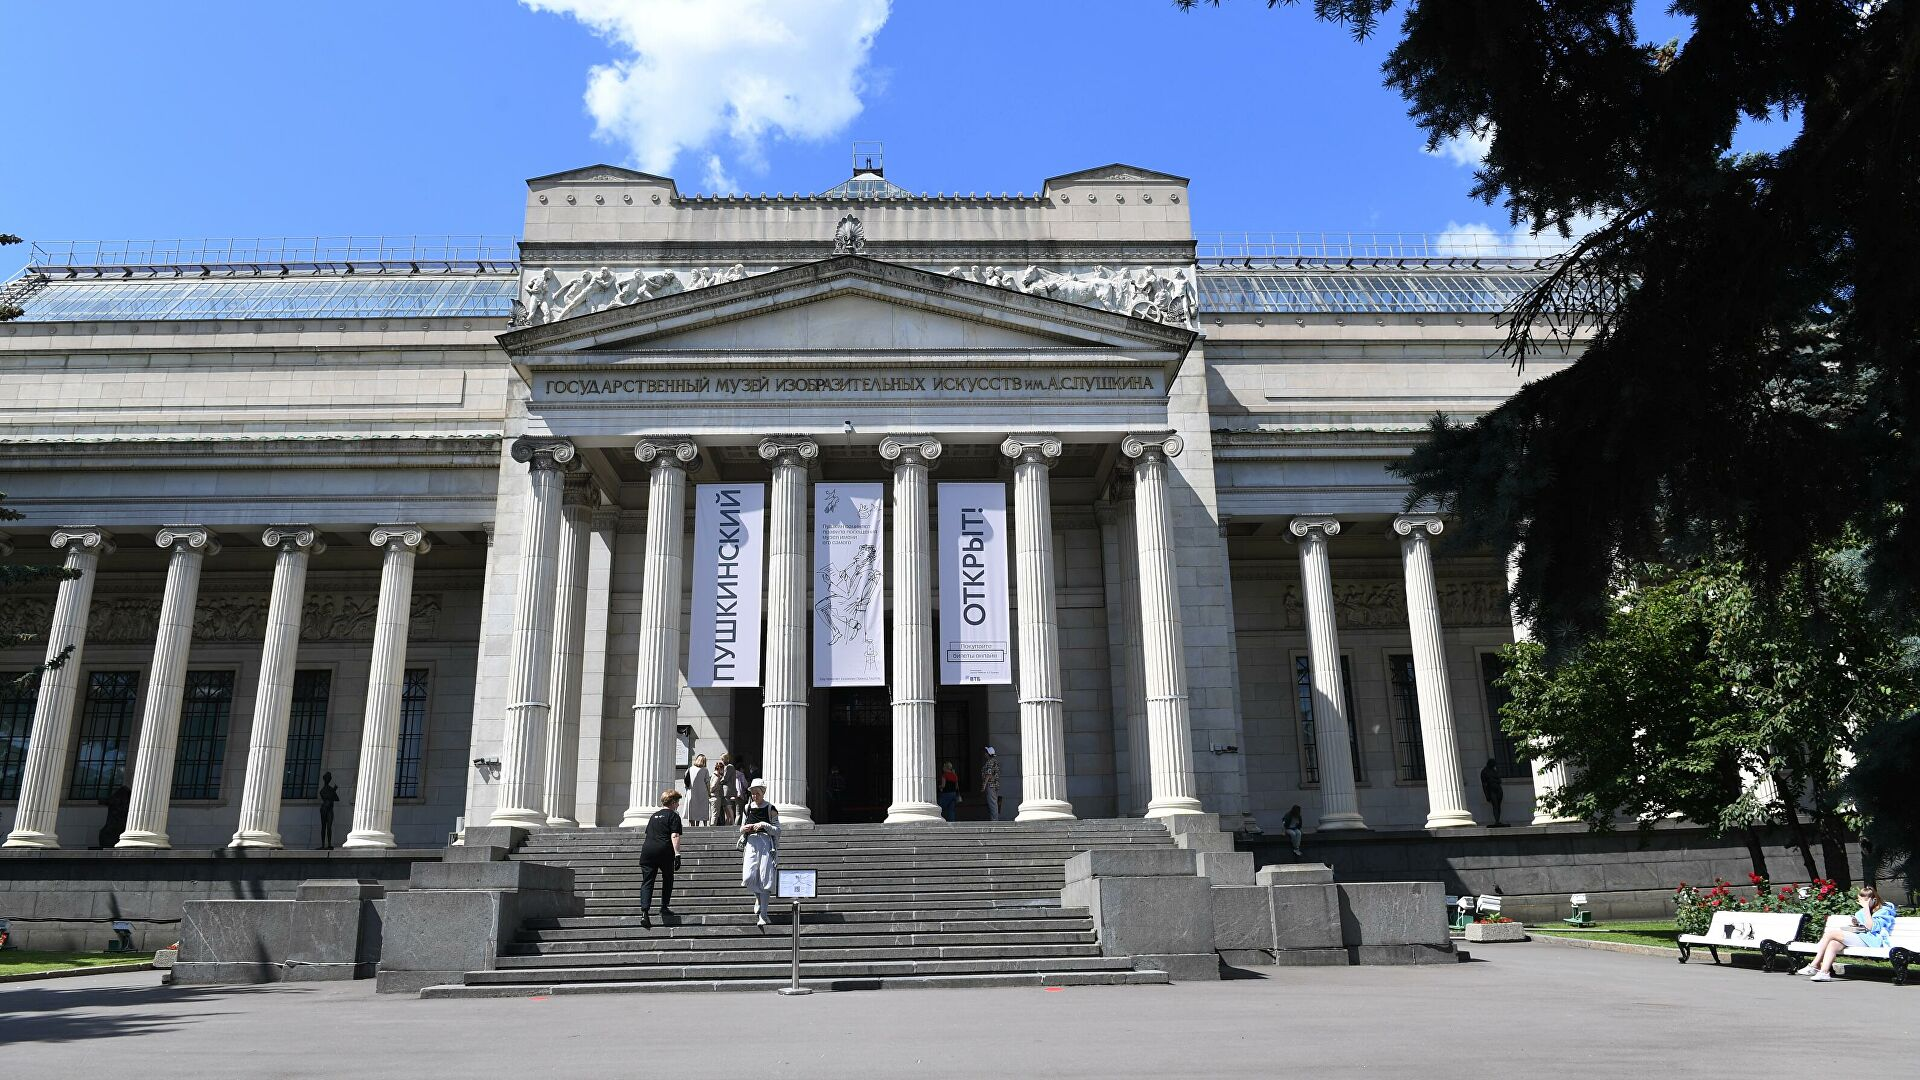 Собянин утвердил проект подземных галерей Пушкинского музея